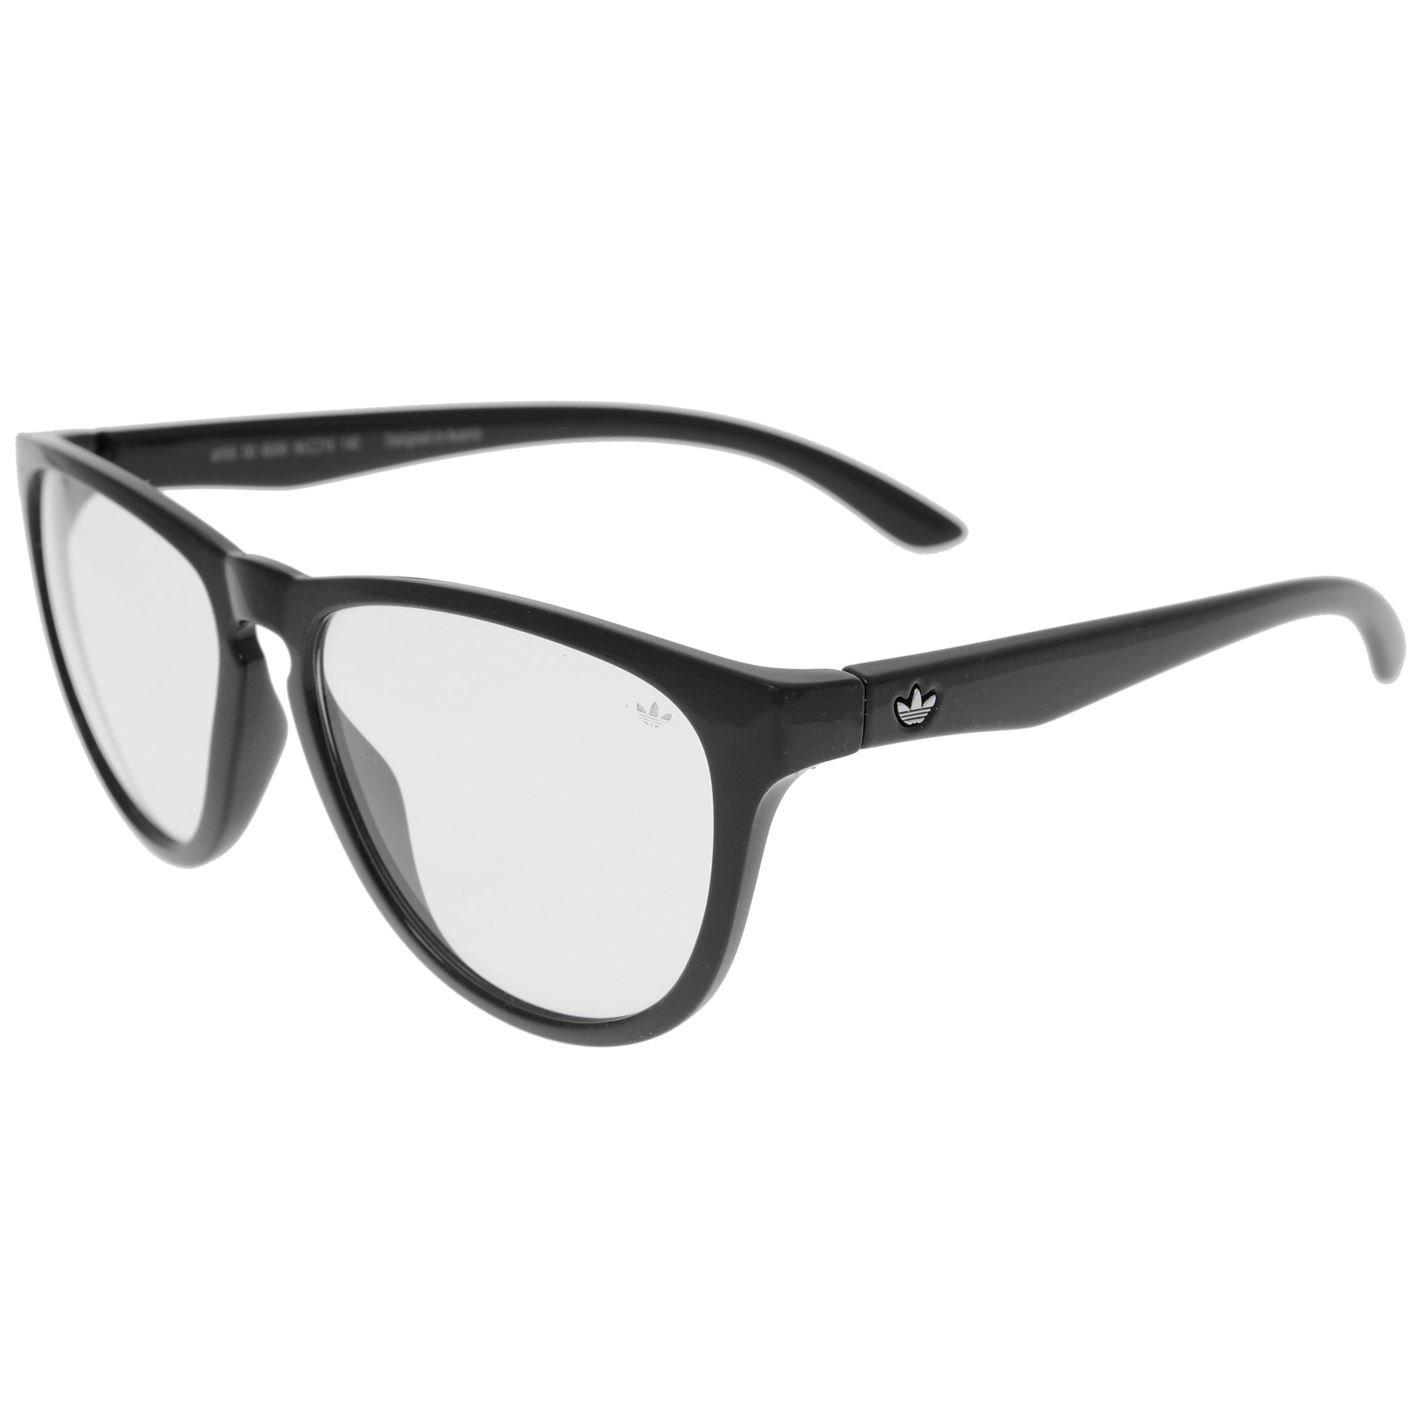 adidas Originals San Diego - Gafas de sol para mujer, color ...